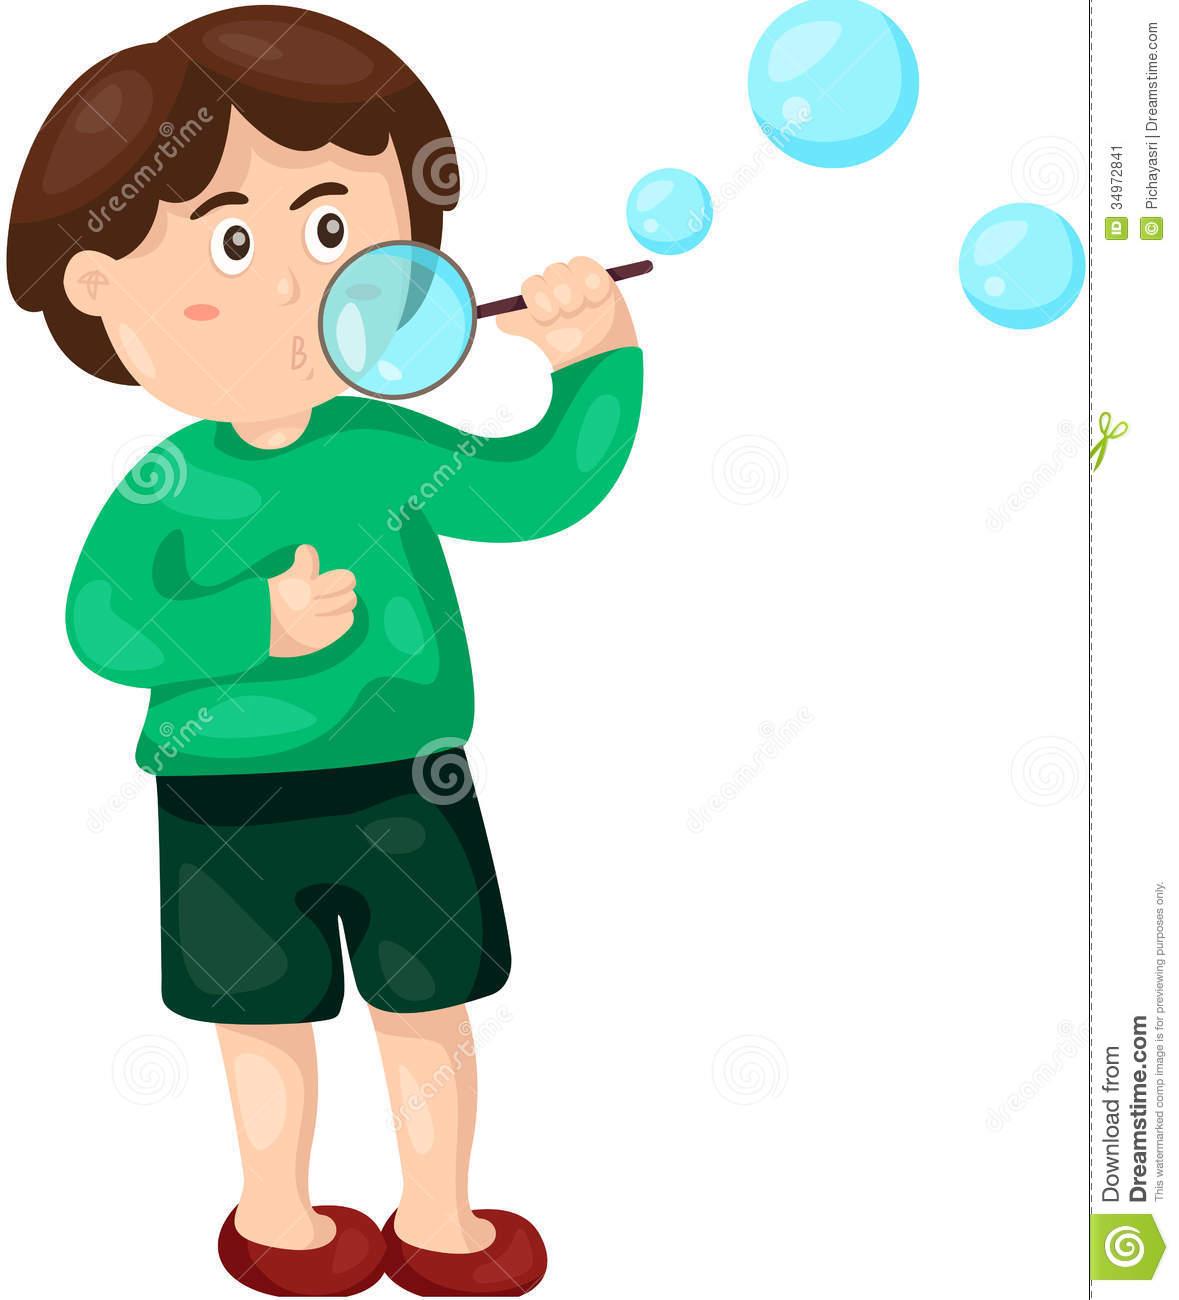 2947 Bubbles free clipart.